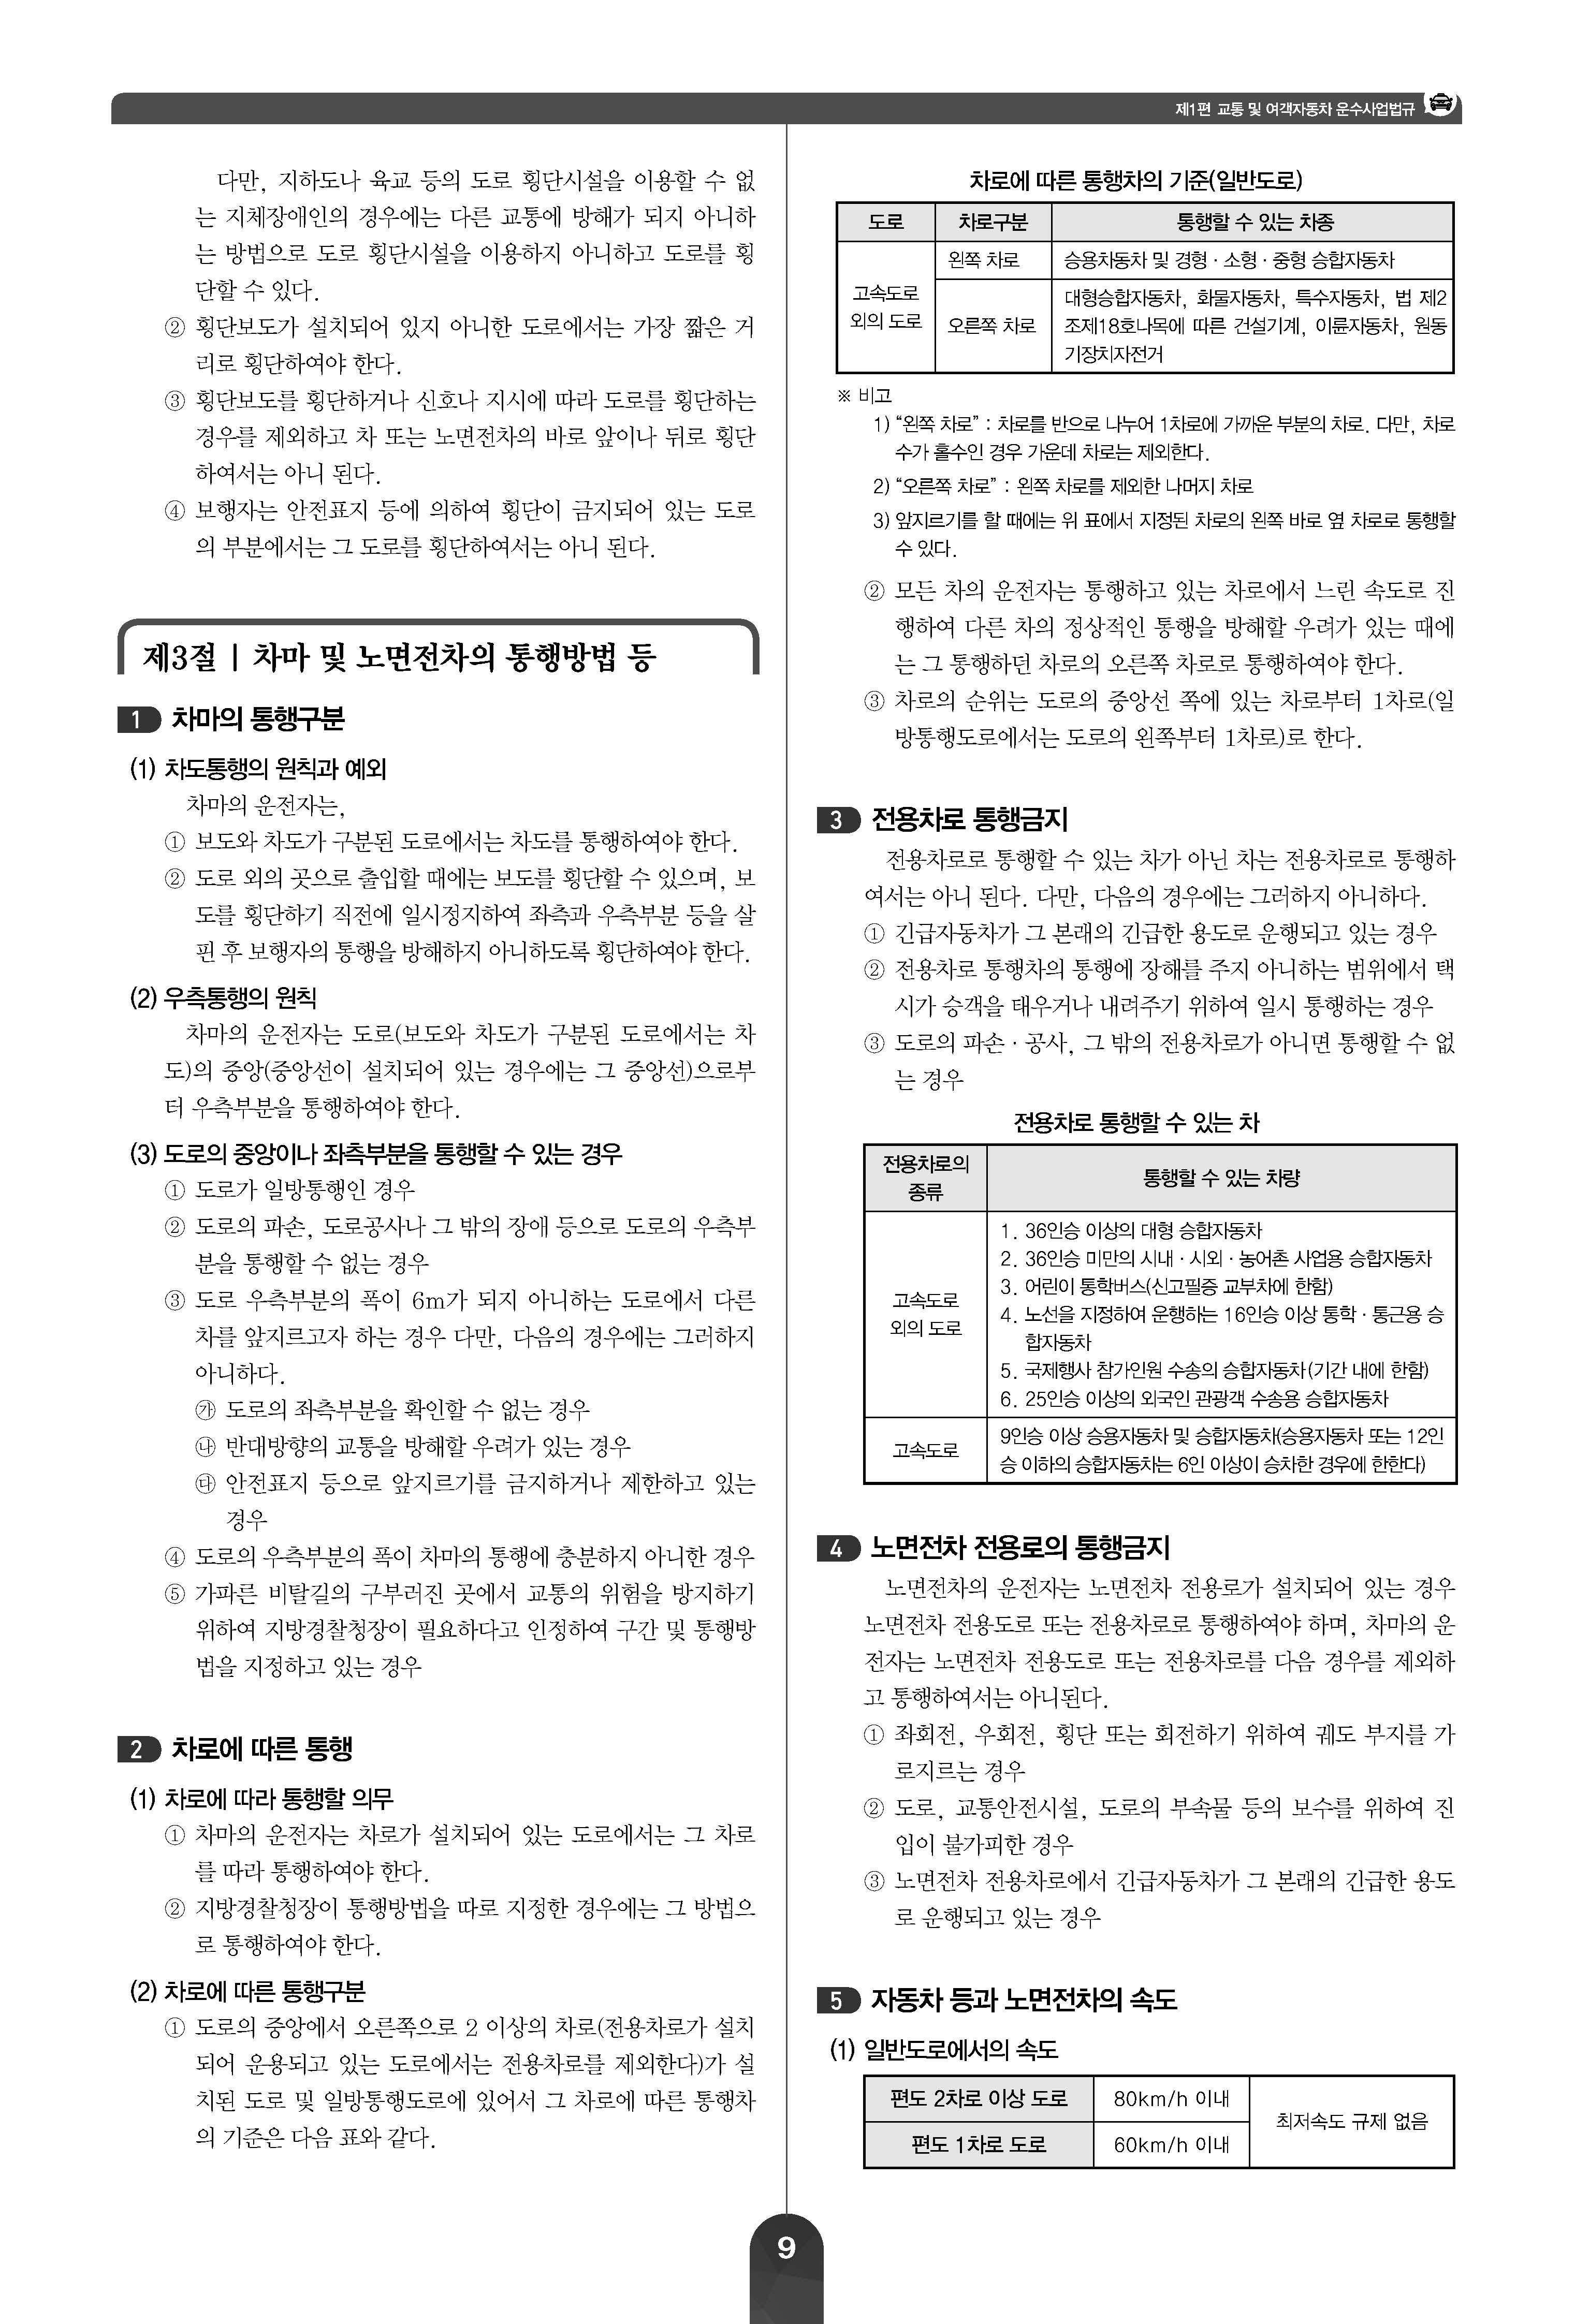 b7b92111b06df6111e4f4876a6725d3b_1542354